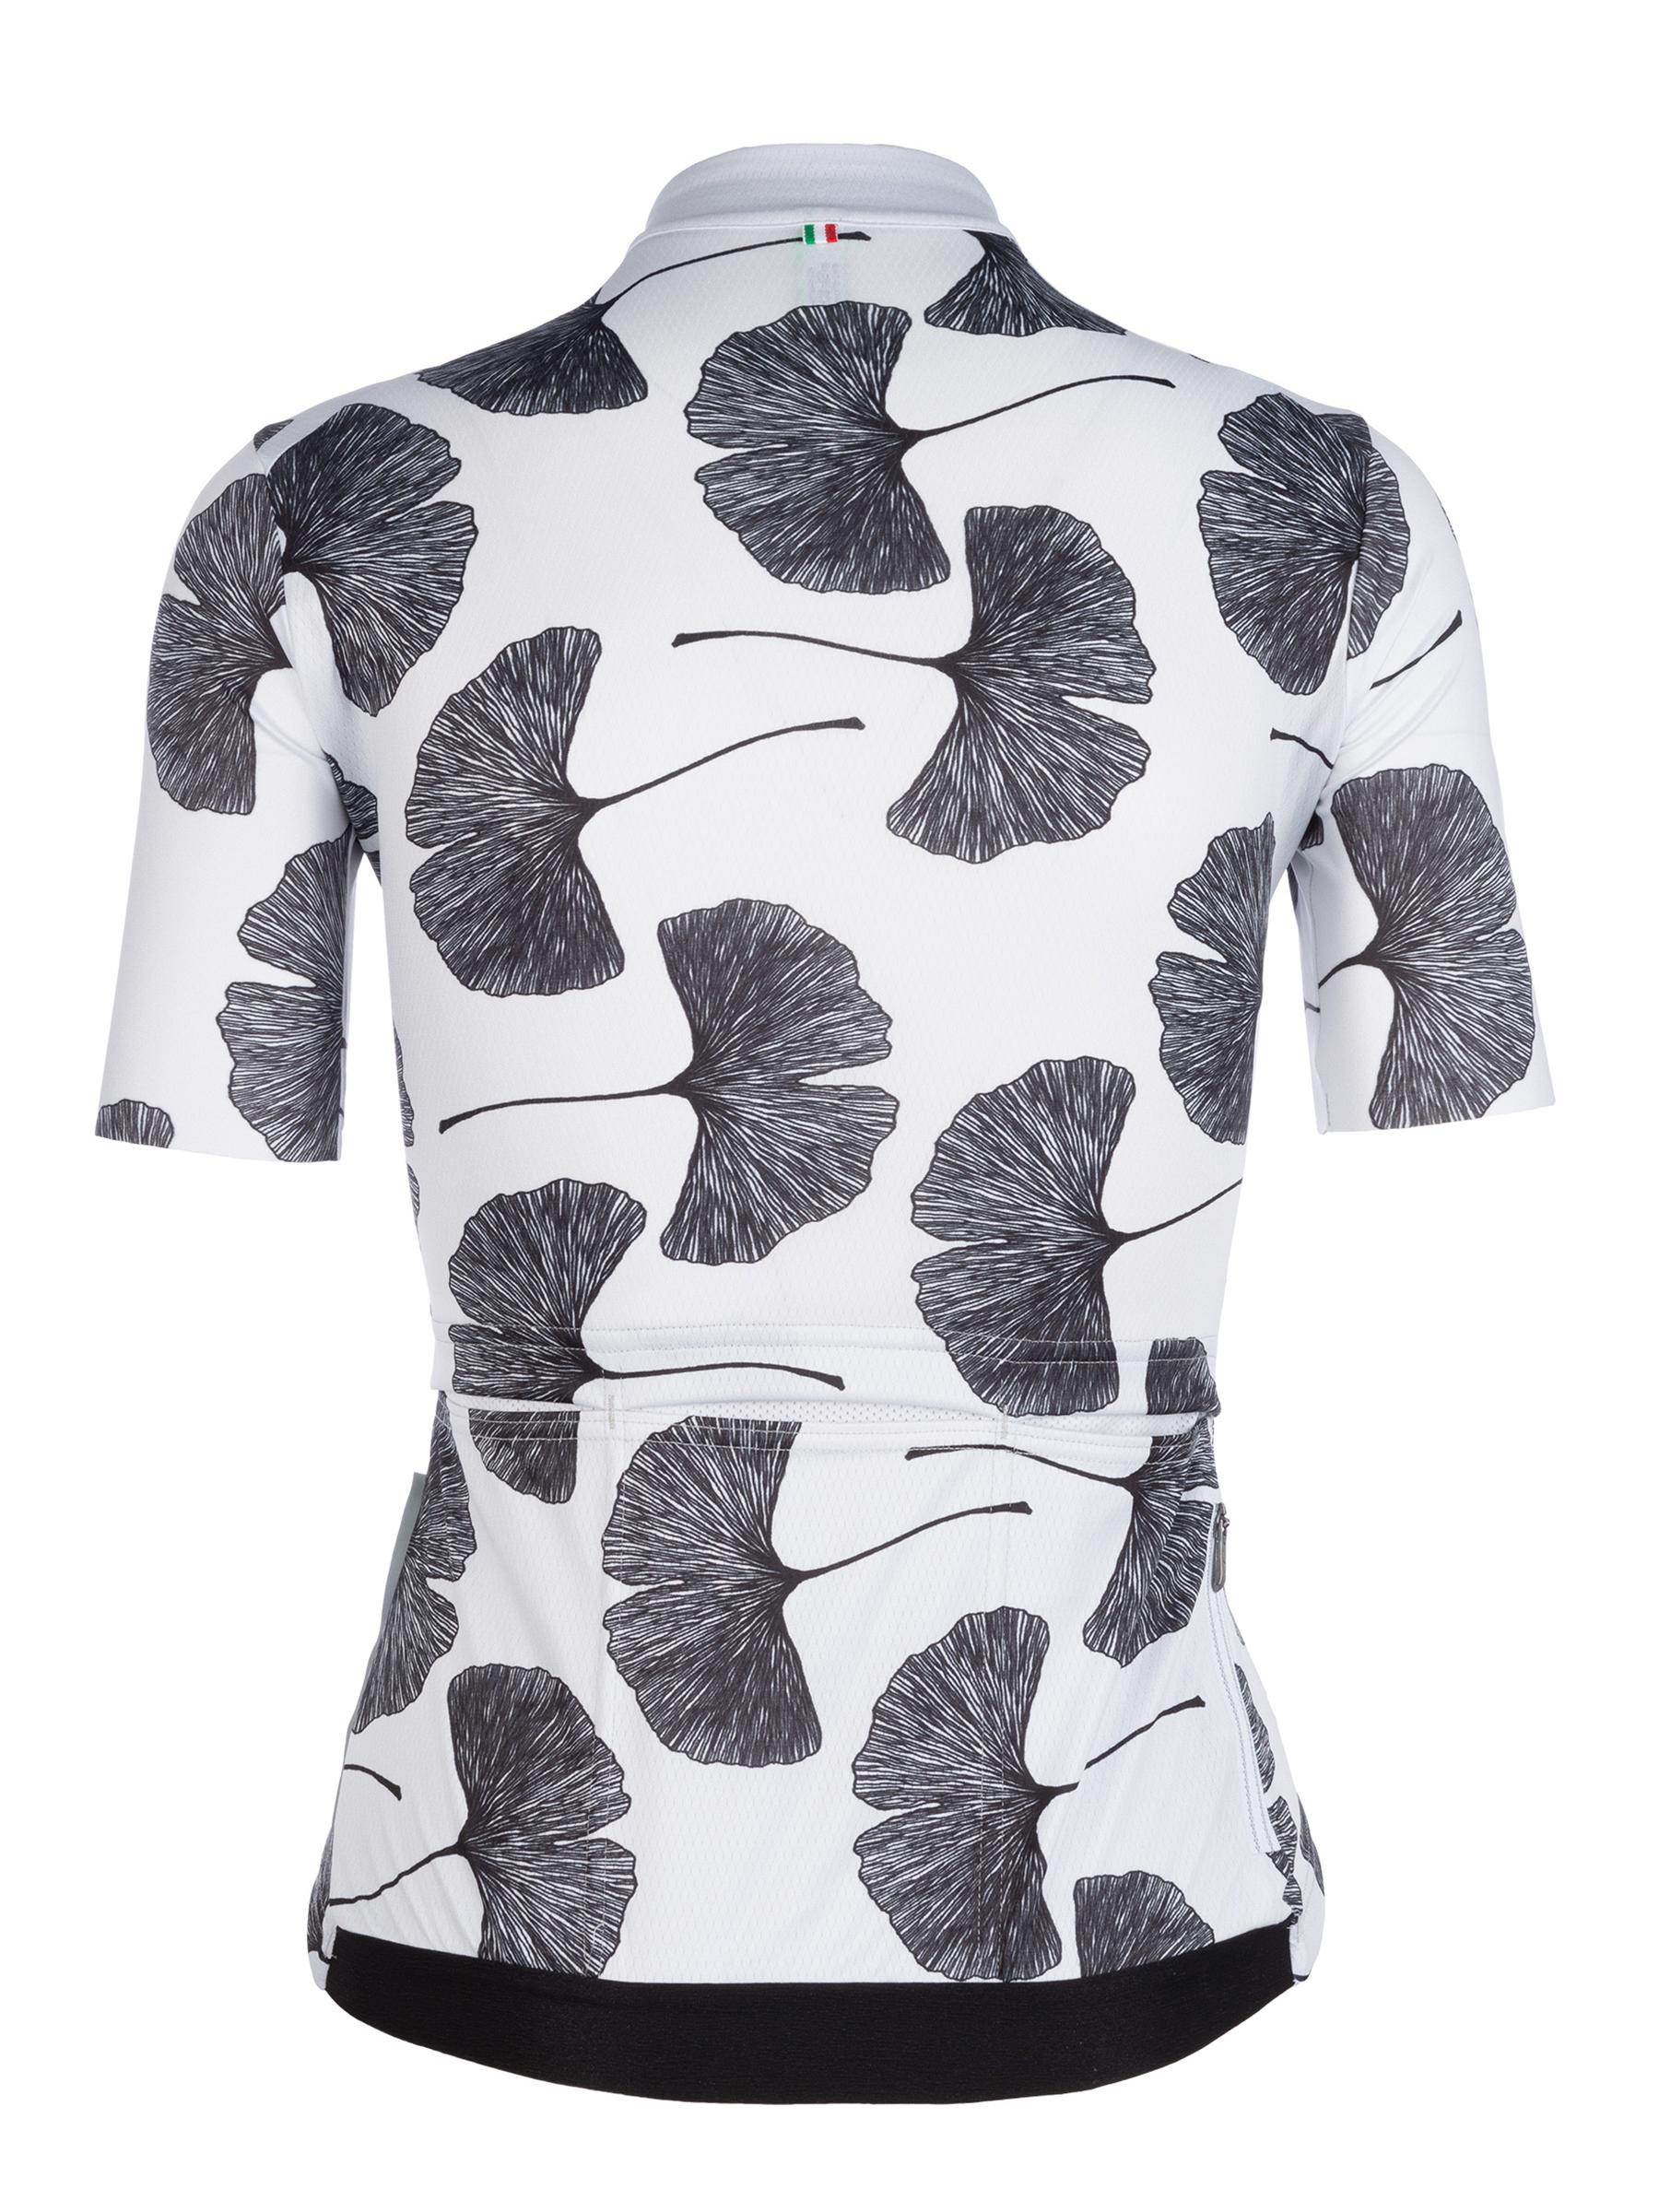 Jersey Short Sleeve G1 Woman Ginkgo